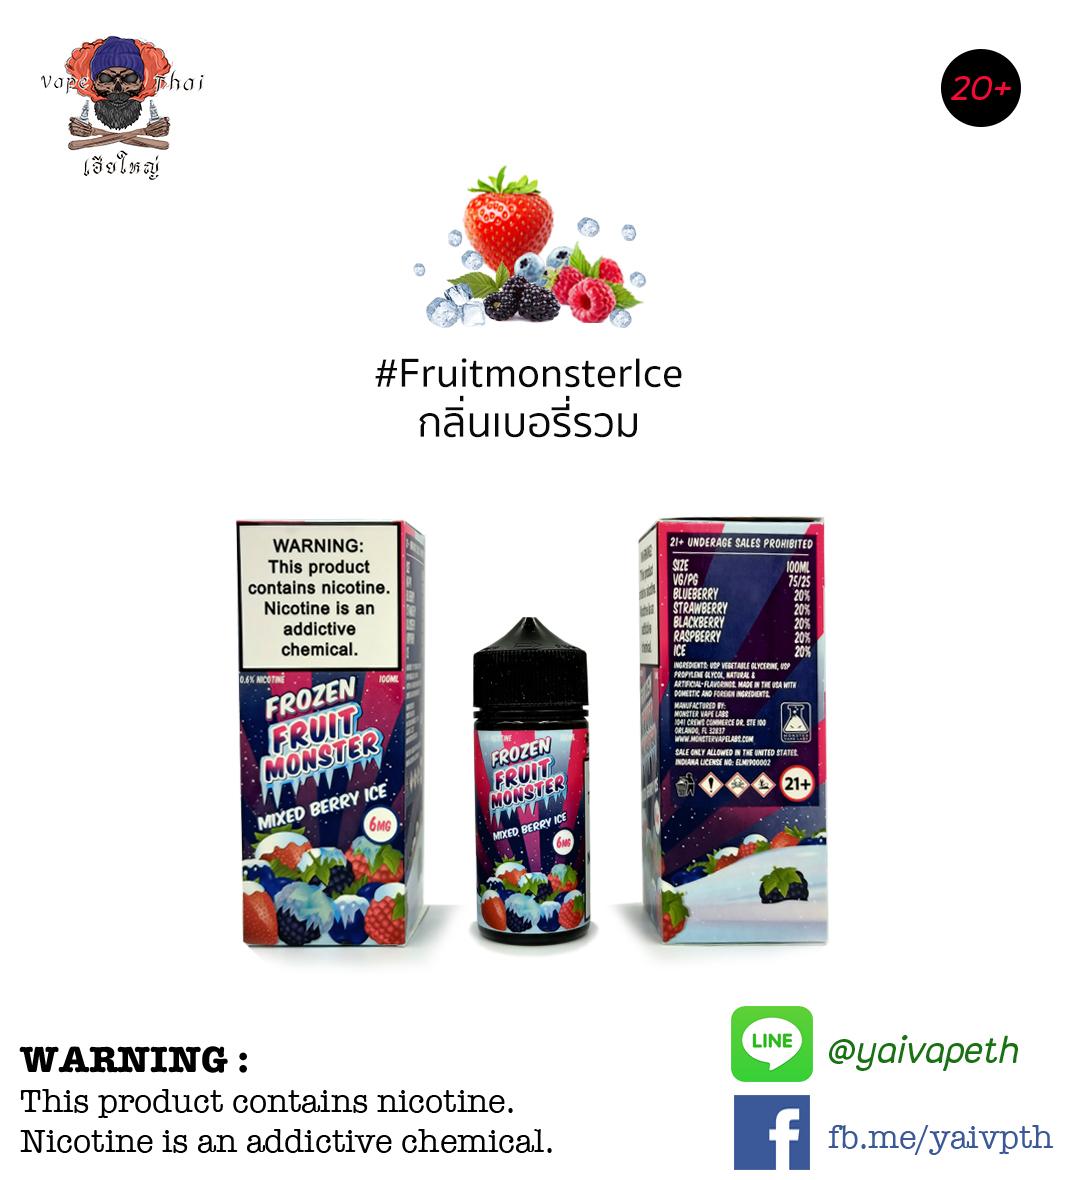 เบอรรี่รวมเย็น - น้ำยาบุหรี่ไฟฟ้าFrozen Fruit Monster Mixed Berry ICE 0mg,3mg,6mg 100ml (U.S.A.) [เย็น] ของแท้ 100%